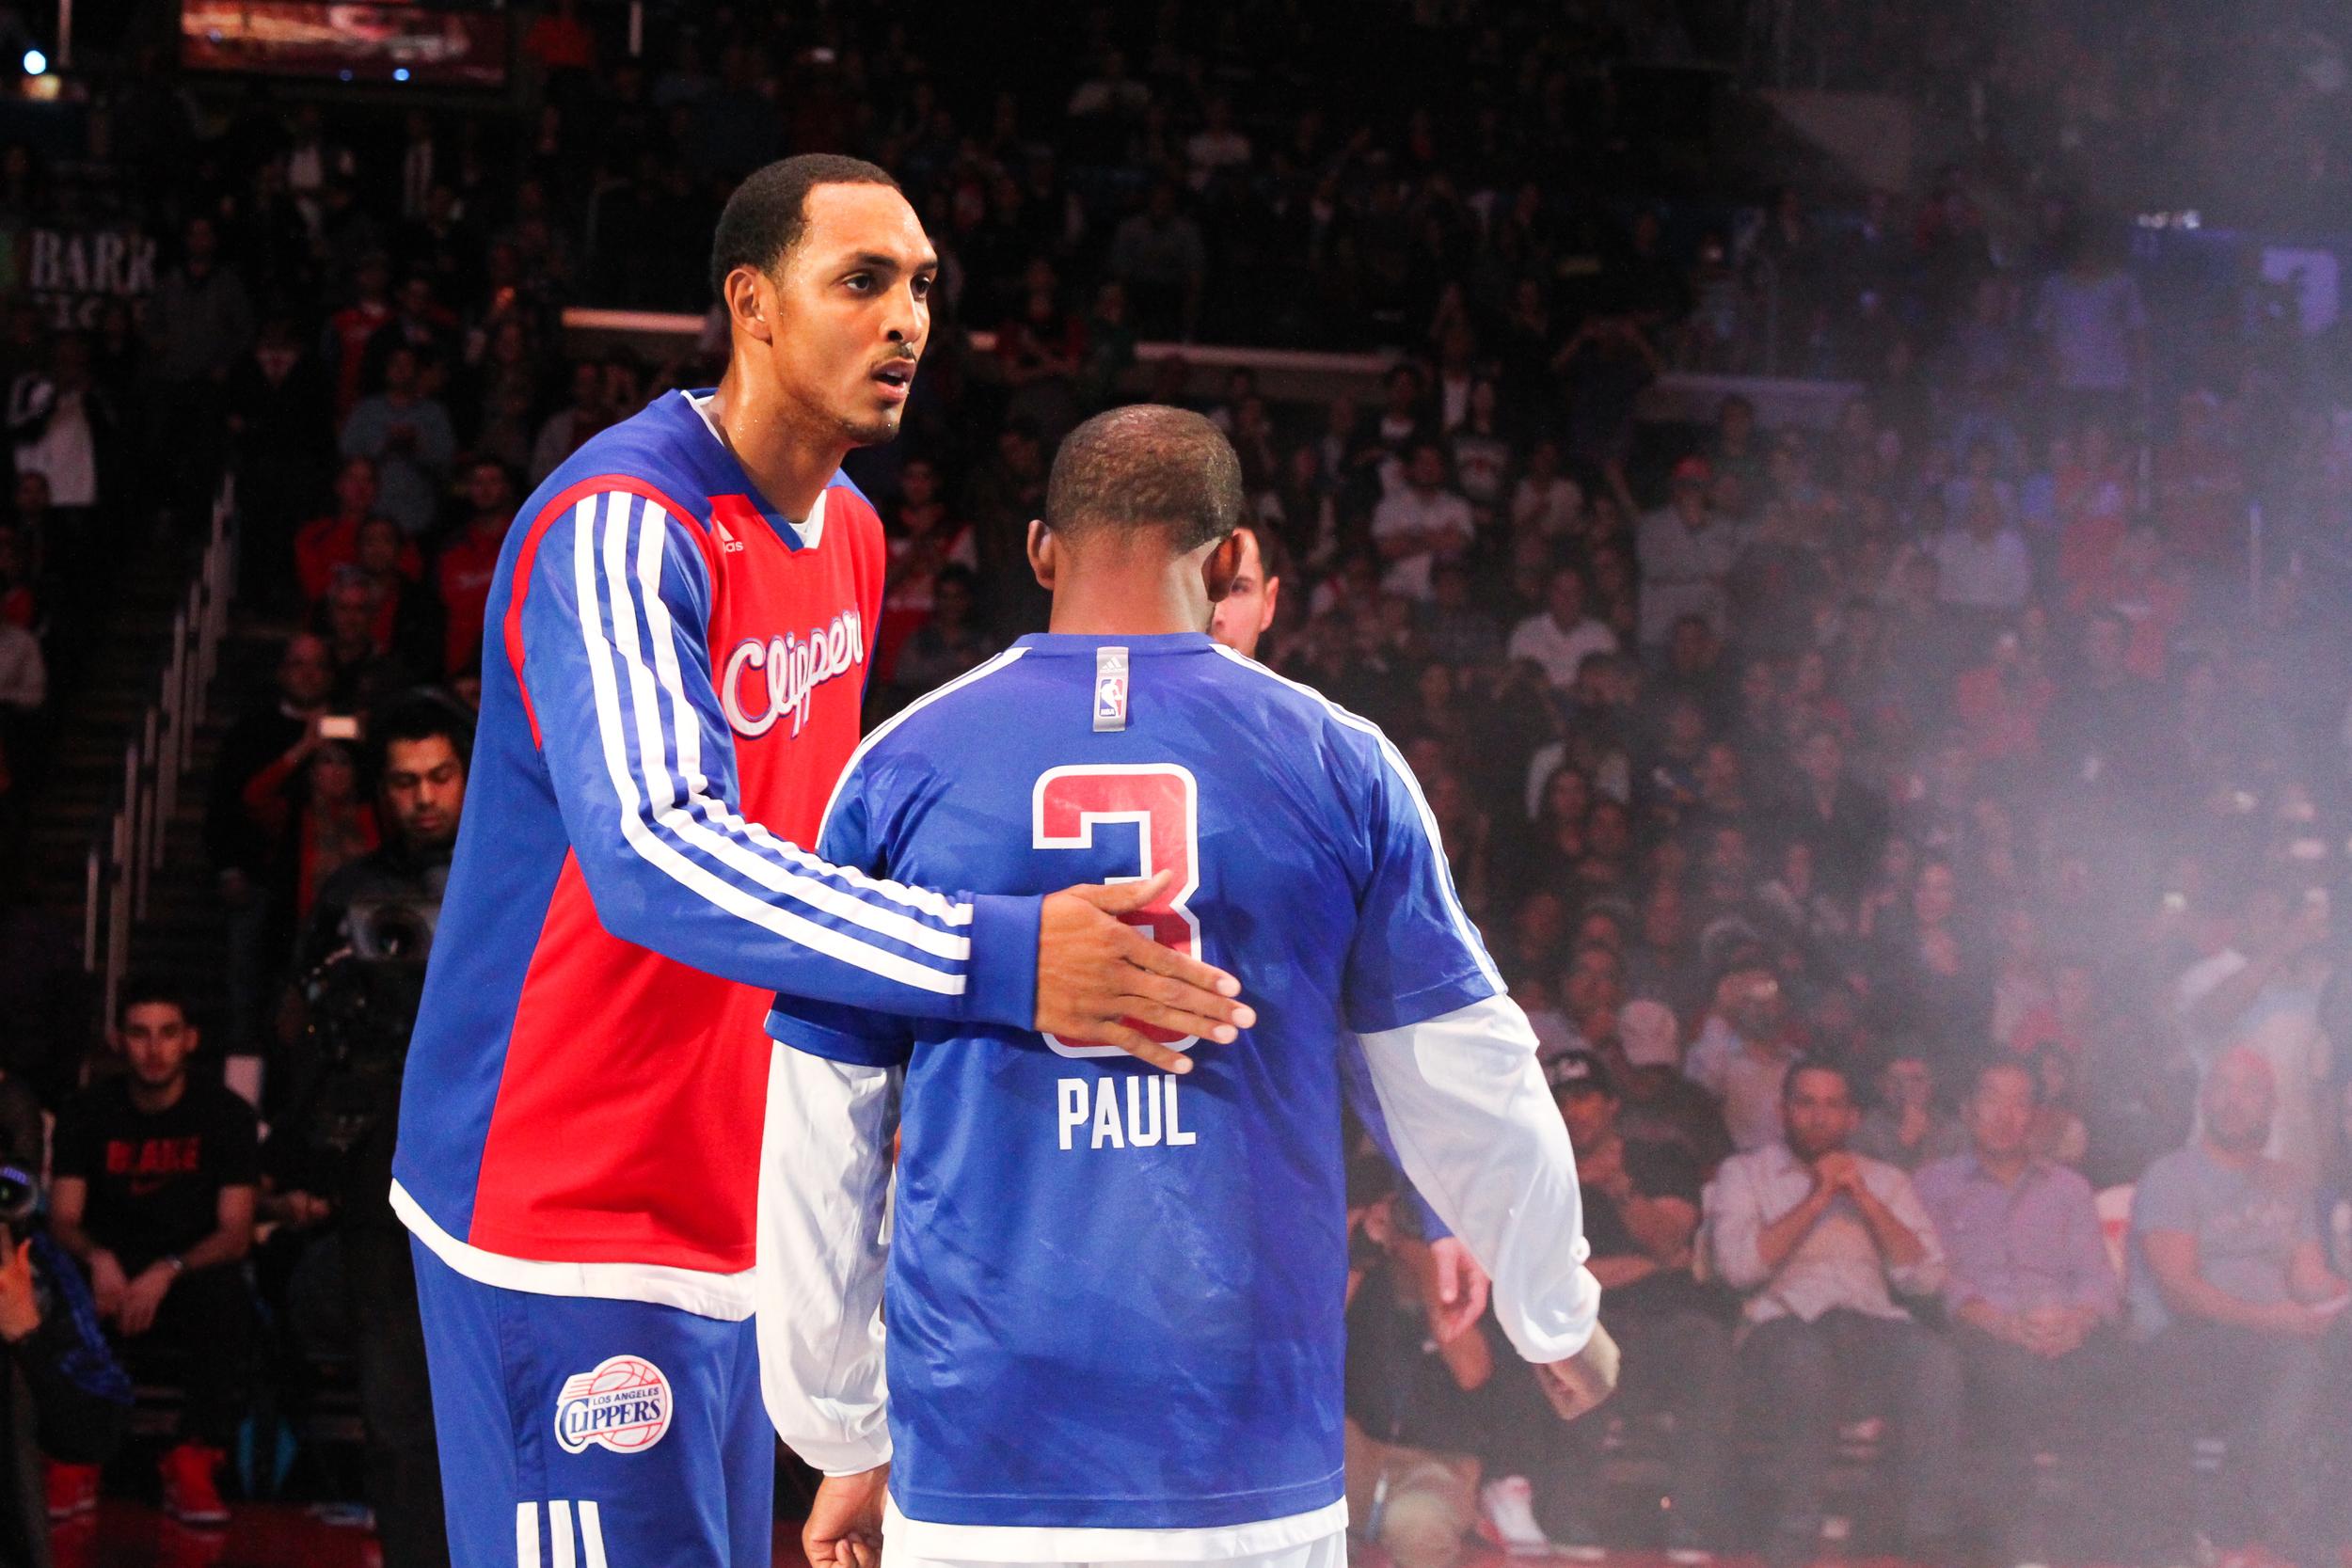 Photos by Varon P. Knicks-25.jpg